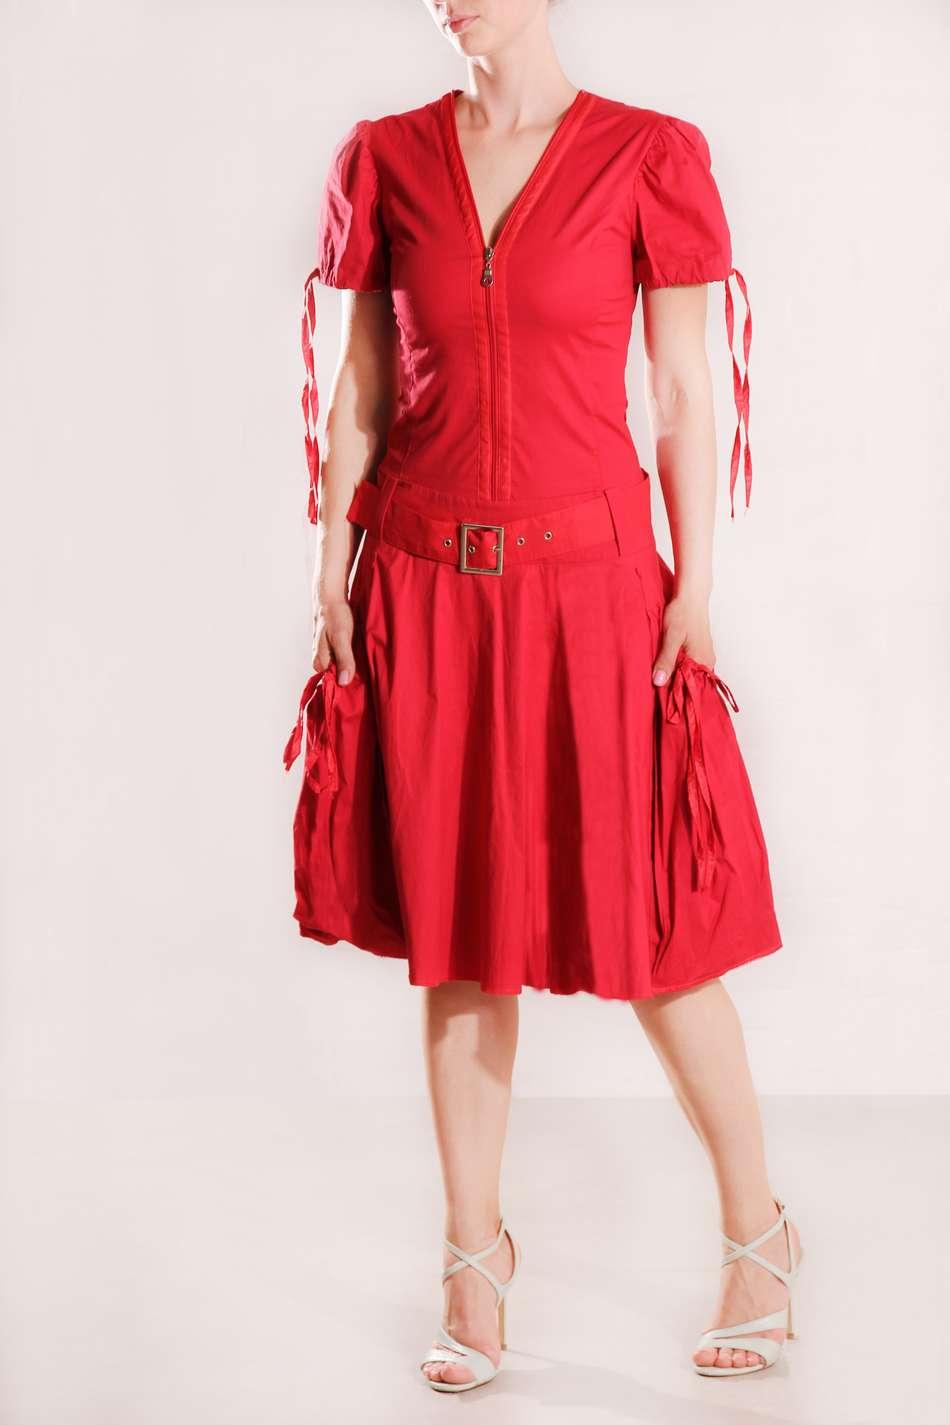 Объемные карманы на платье